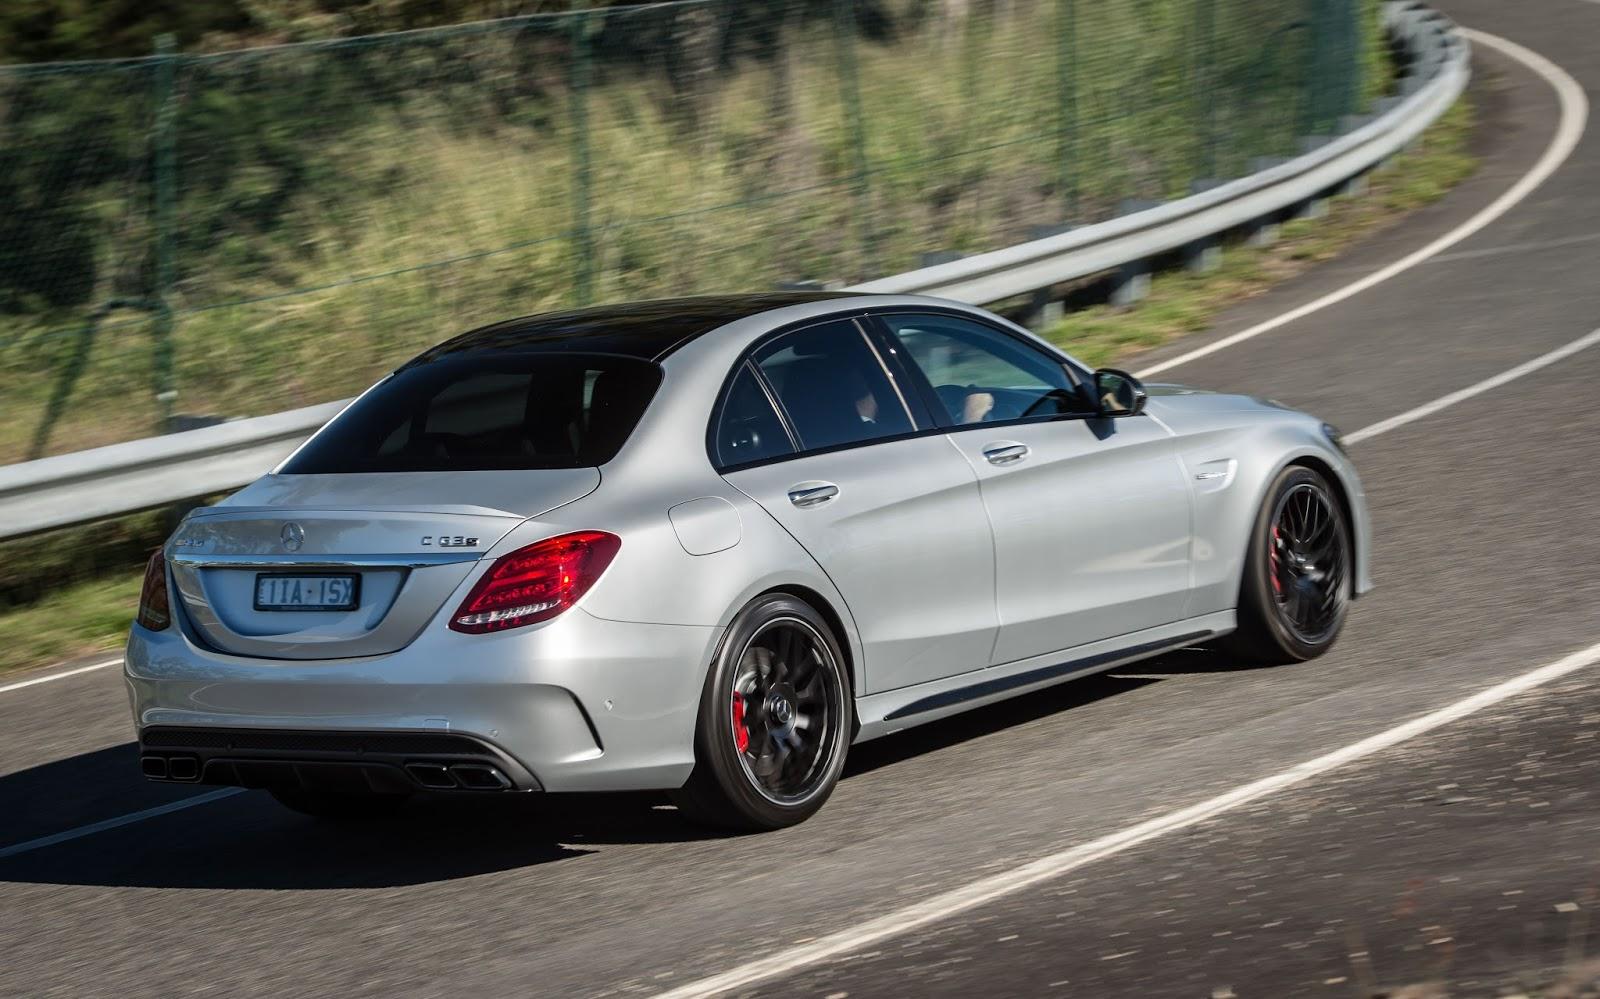 Mercedes-AMG C63 S 2016 là một chiếc sedan, nhưng chẳng khác nào siêu xe